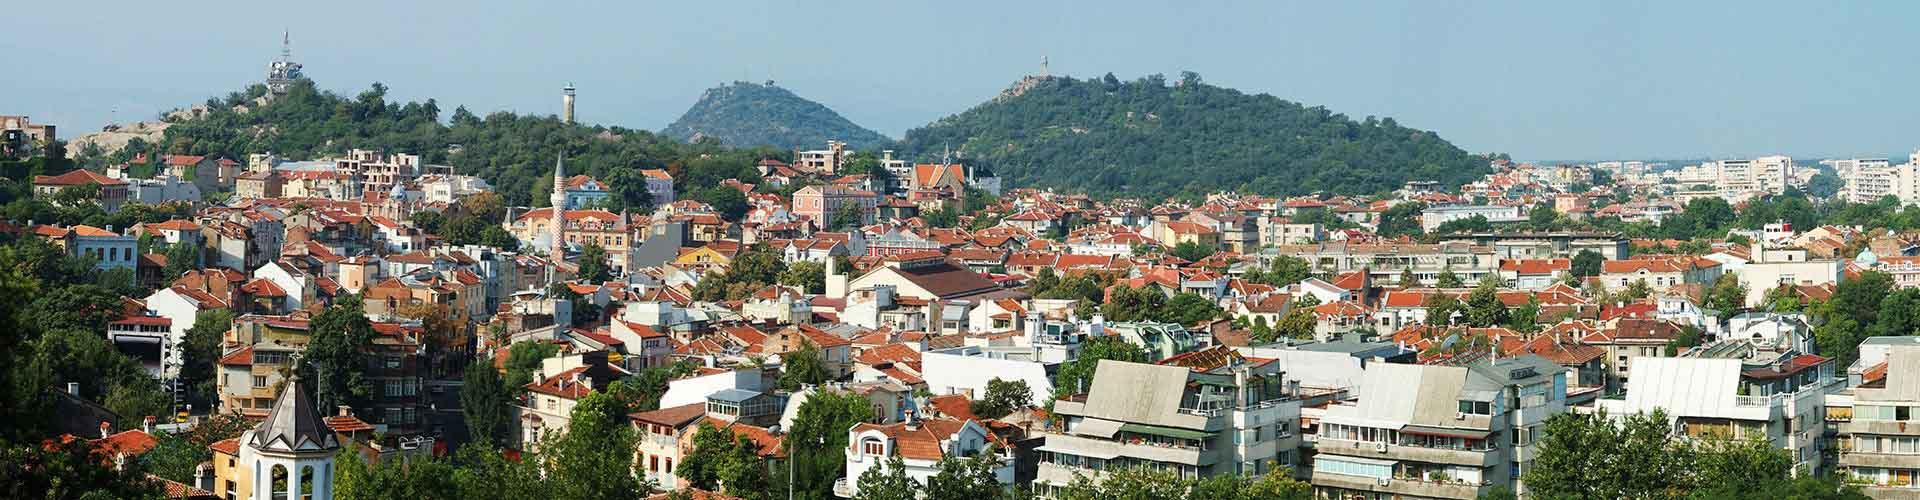 Plovdiv – Camere nella zona Centyra. Mappe per Plovdiv, Foto e  Recensioni per ogni camera a Plovdiv.